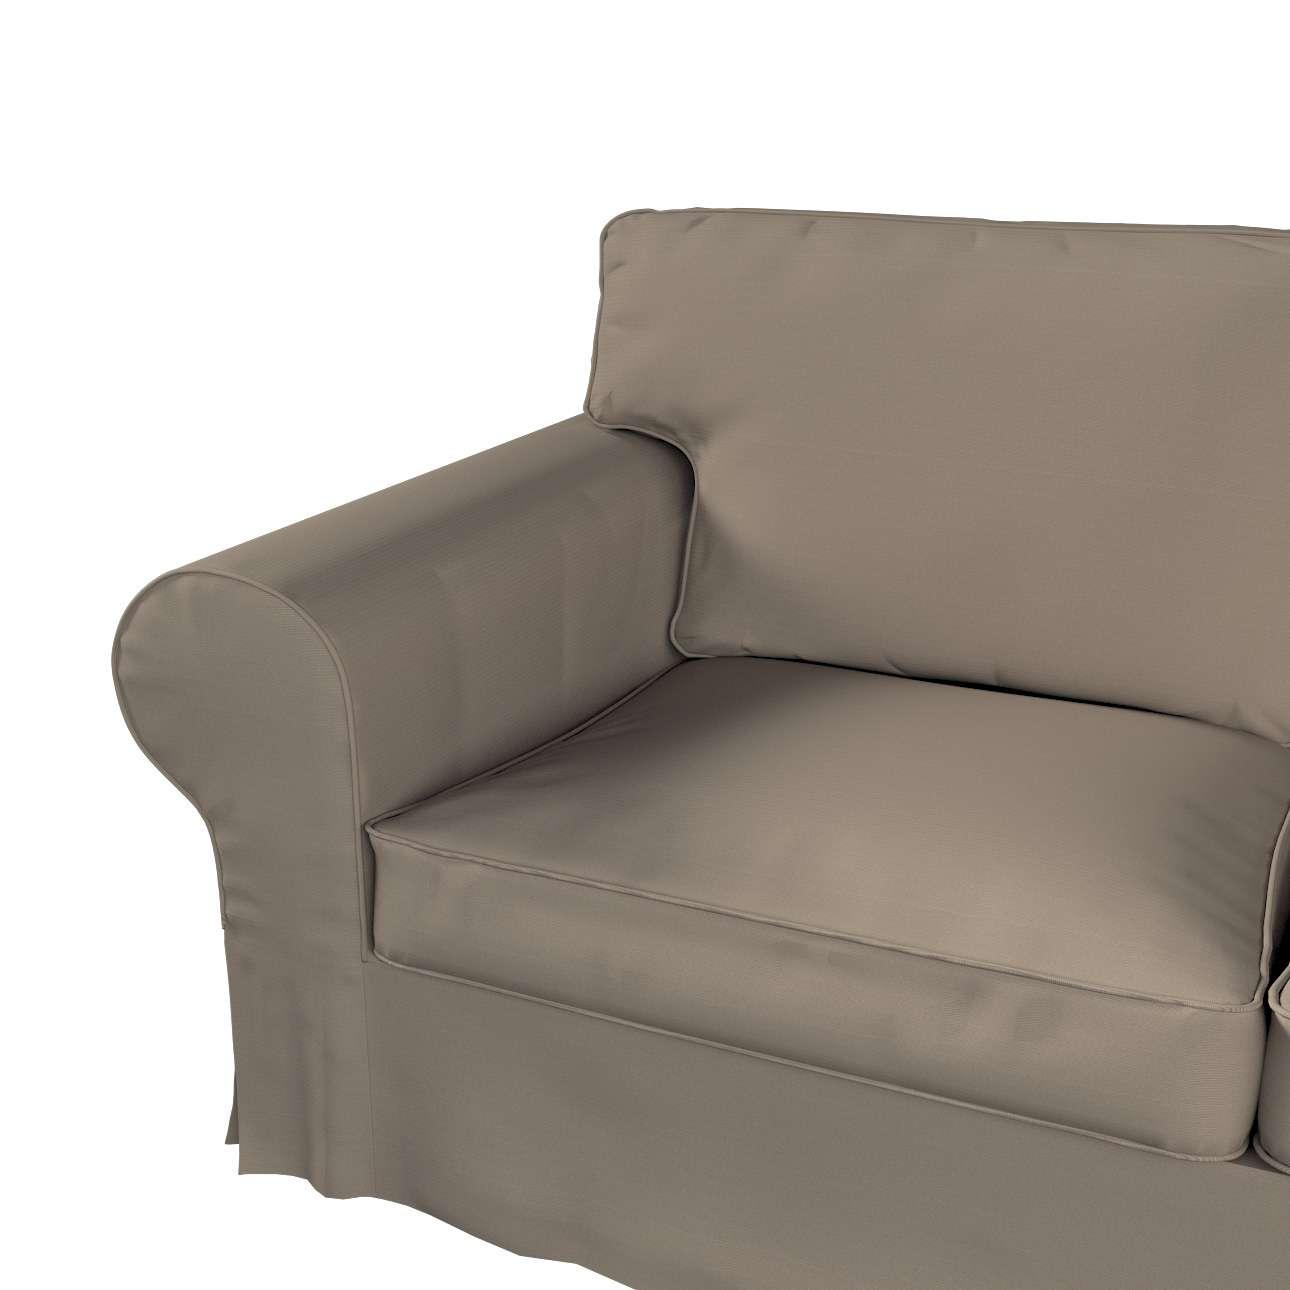 Pokrowiec na sofę Ektorp 2-osobową i leżankę w kolekcji Cotton Panama, tkanina: 702-28